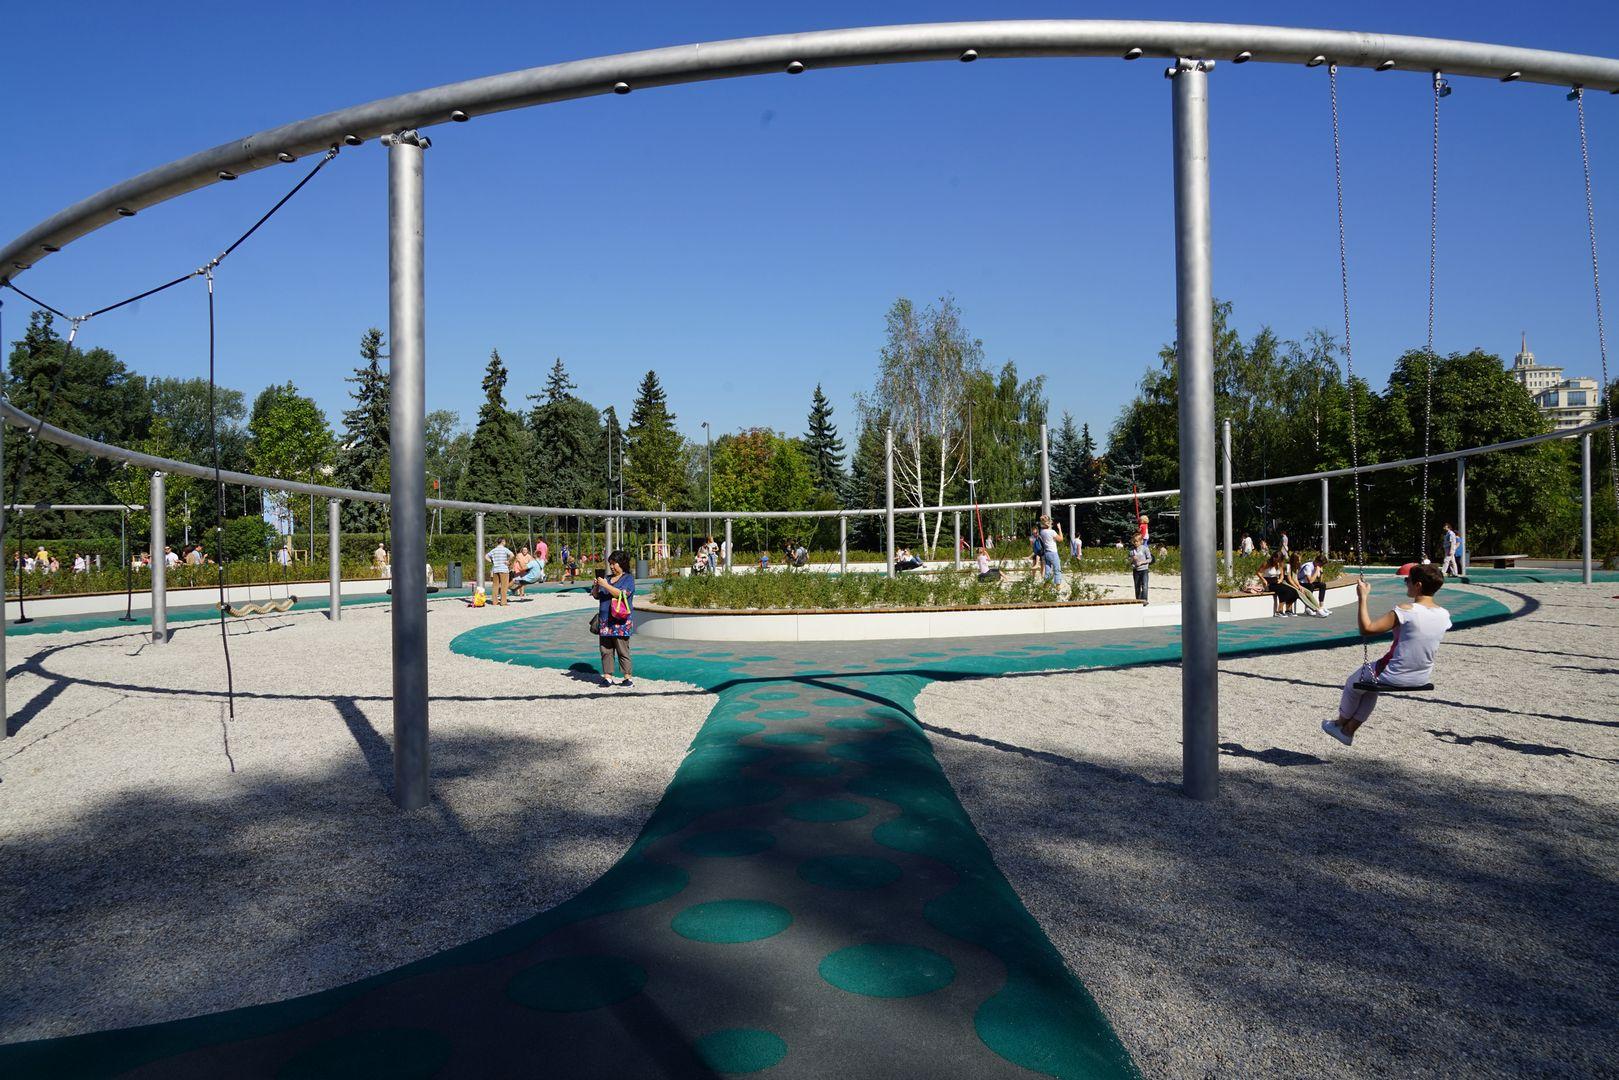 Новая детская площадка «Салют» в парке Горького. Качели